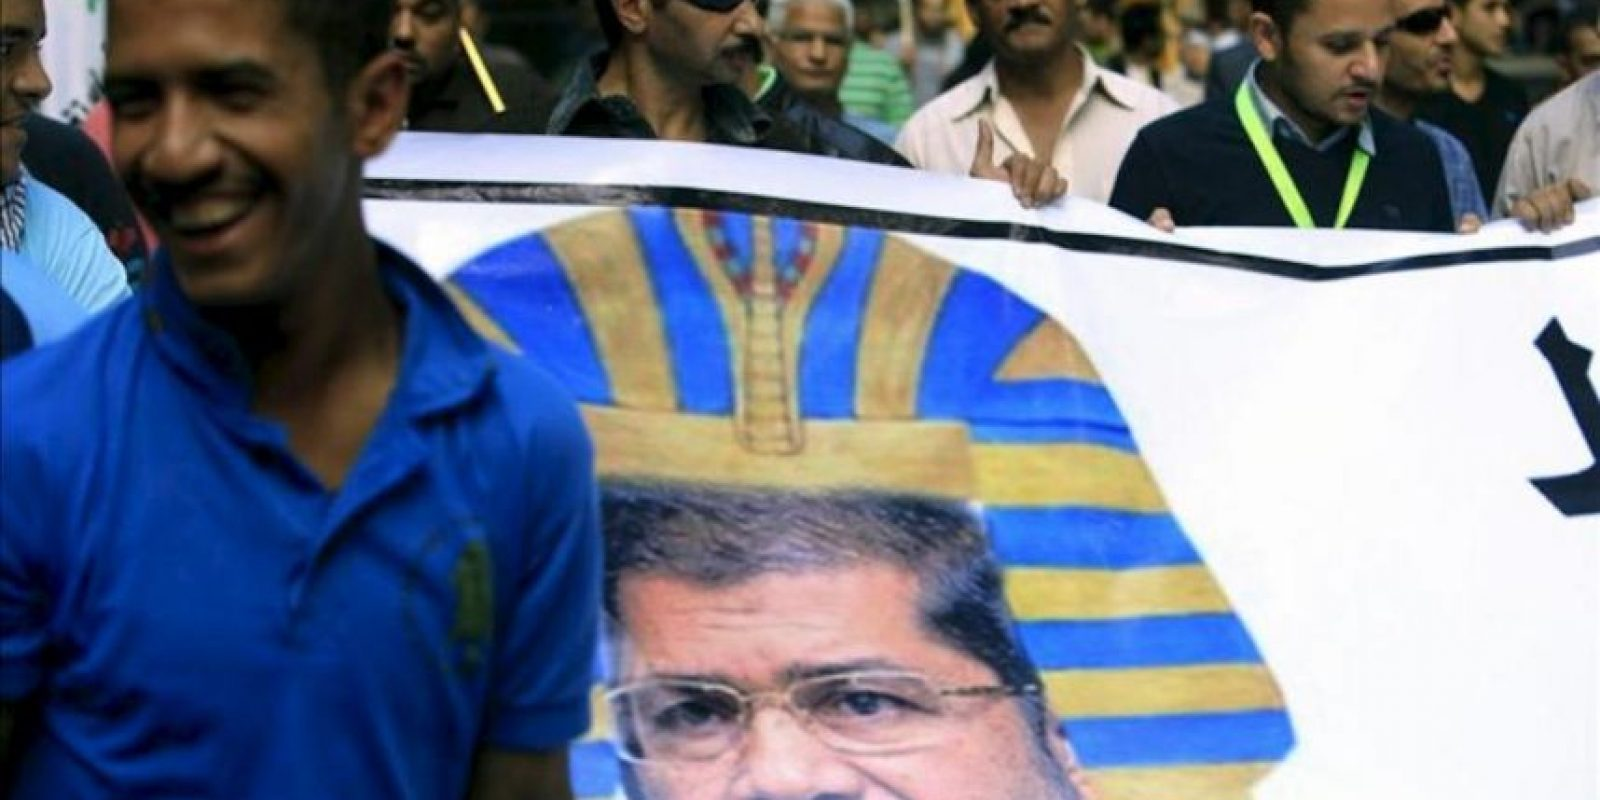 Manifestantes egipcios muestran una pancarta en el que disfrazan al presidente egipcio, Mohamed Mursi, de faraón durante una manifestación organizada por la oposición contra las últimas decisiones del presidente, Mohamed Mursi, que ayer ordenó el blindaje de sus poderes ejecutivos y legislativos ante la Justicia en El Cairo (Egipto). EFE